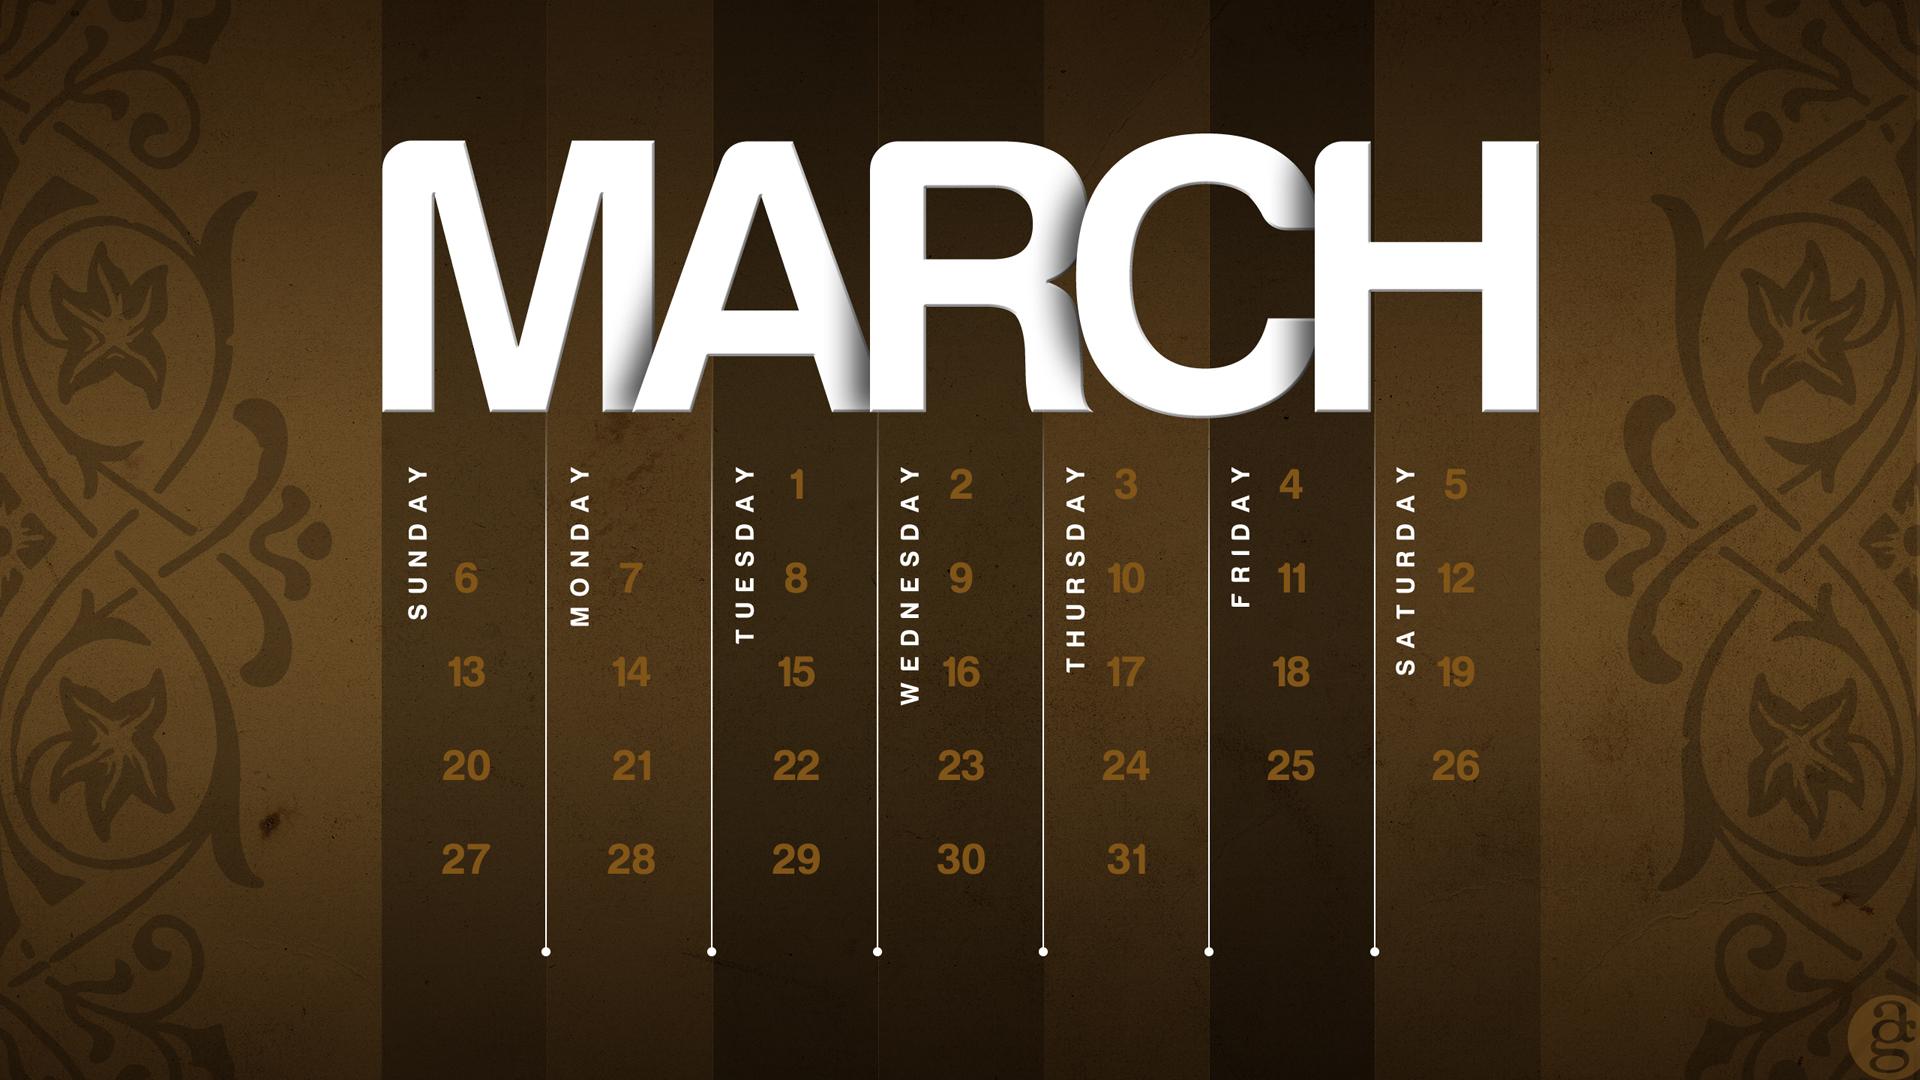 March Calendar Wallpaper Hd : March calendar wallpaper